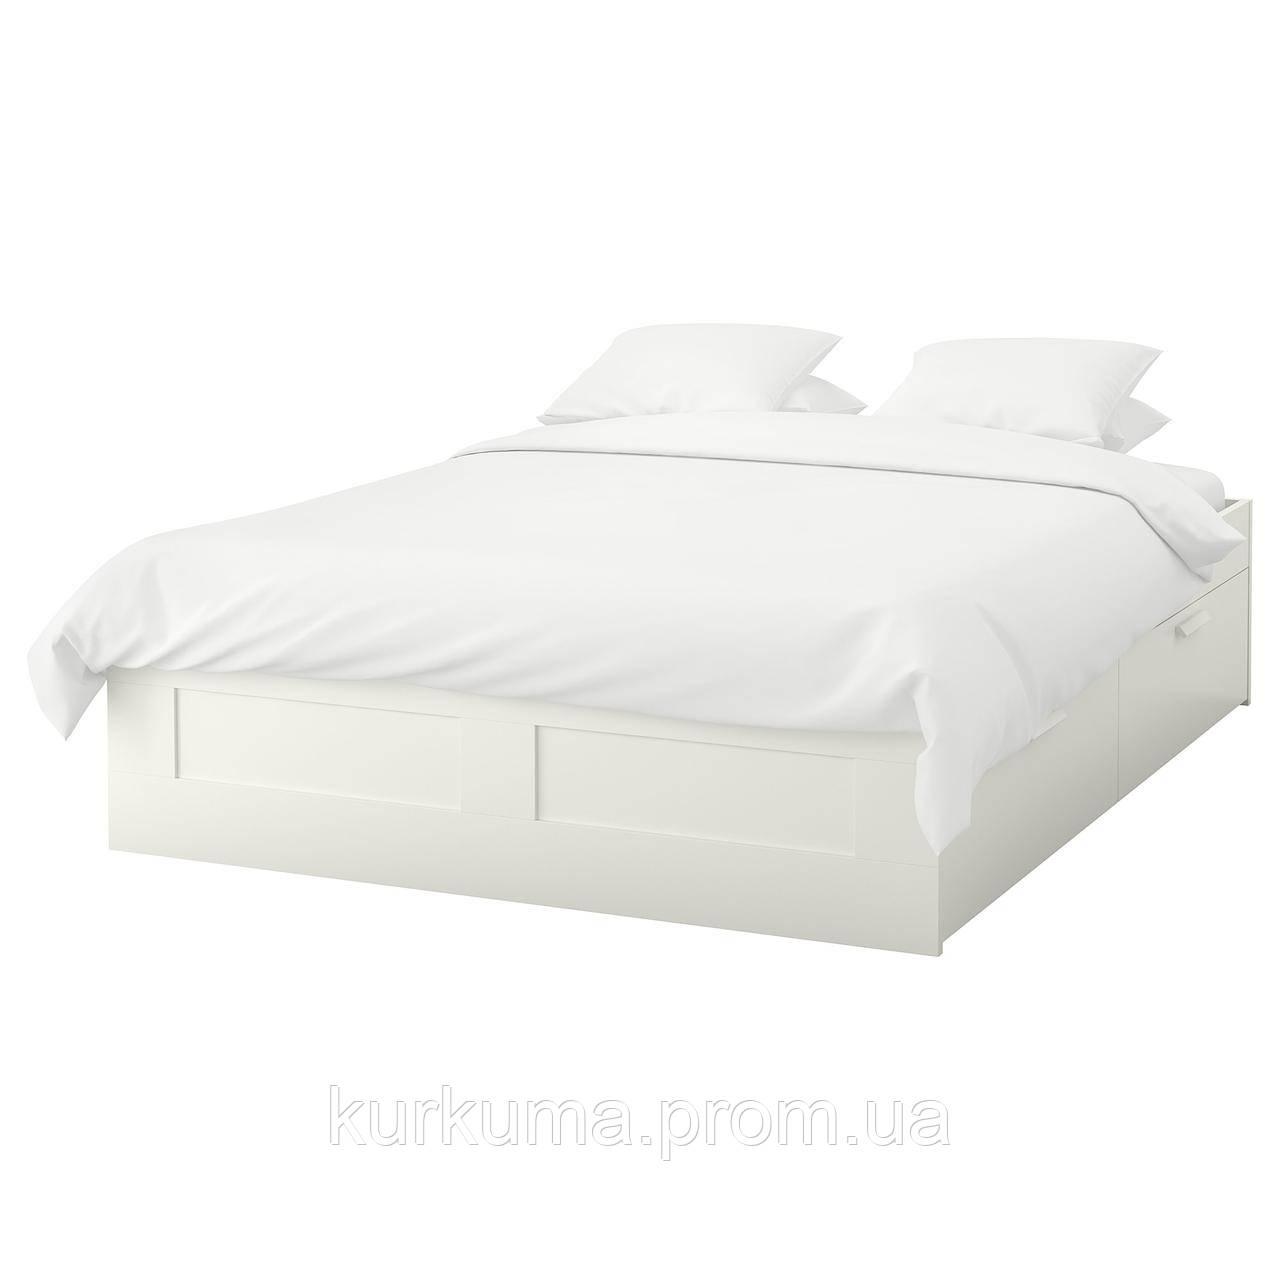 IKEA BRIMNES Кровать с ящиками, белый, Лонсет  (590.187.34)